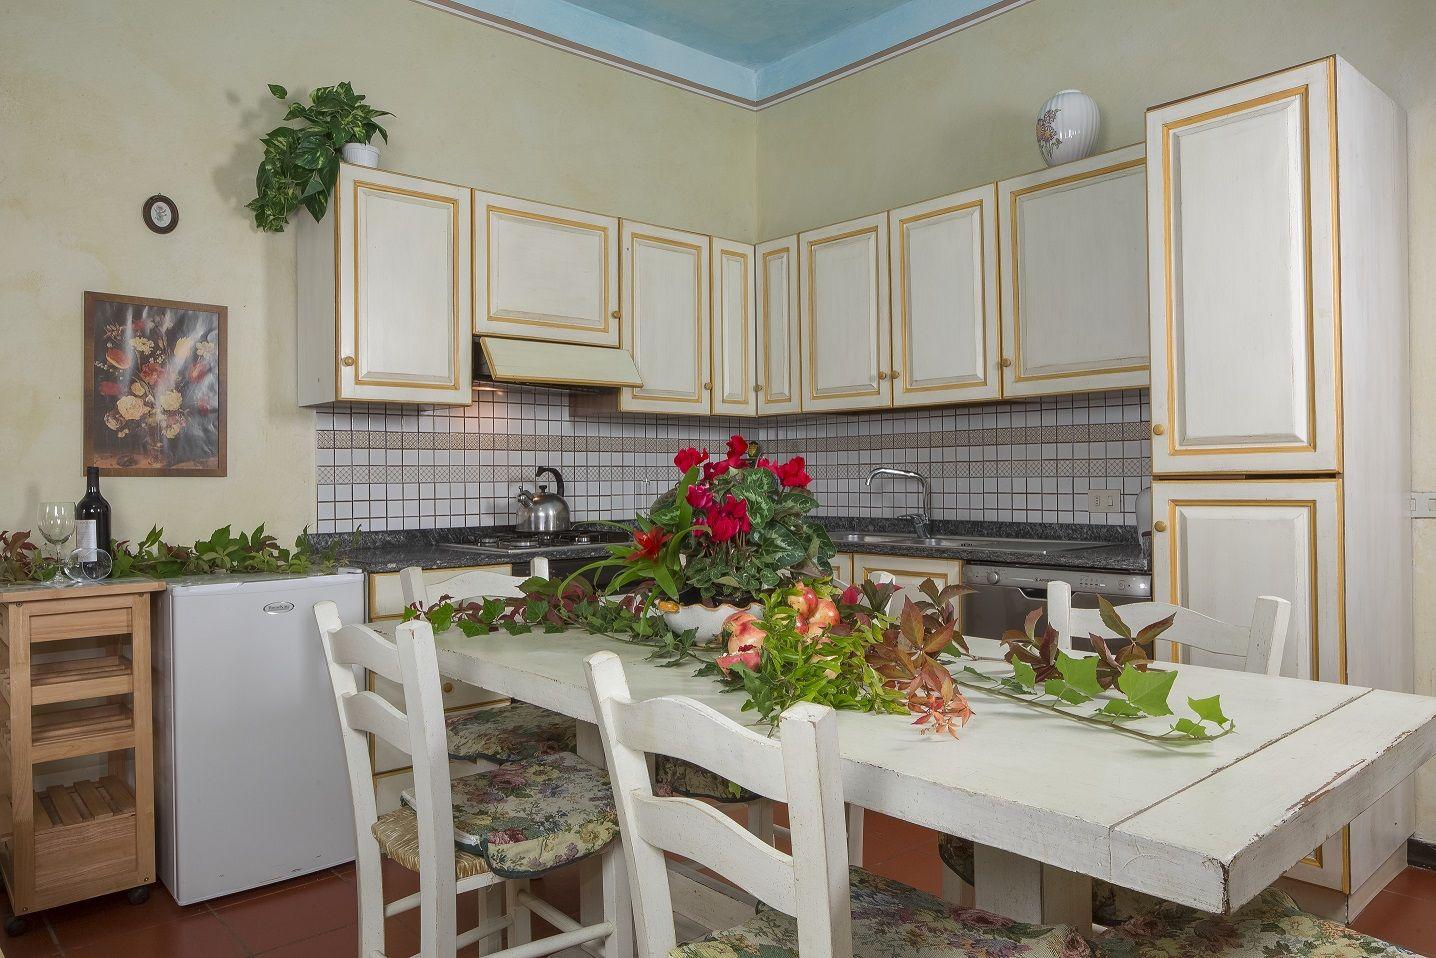 Apartment Bosco Lazzeroni Residence - Nabucco Holiday Home photo 17064533